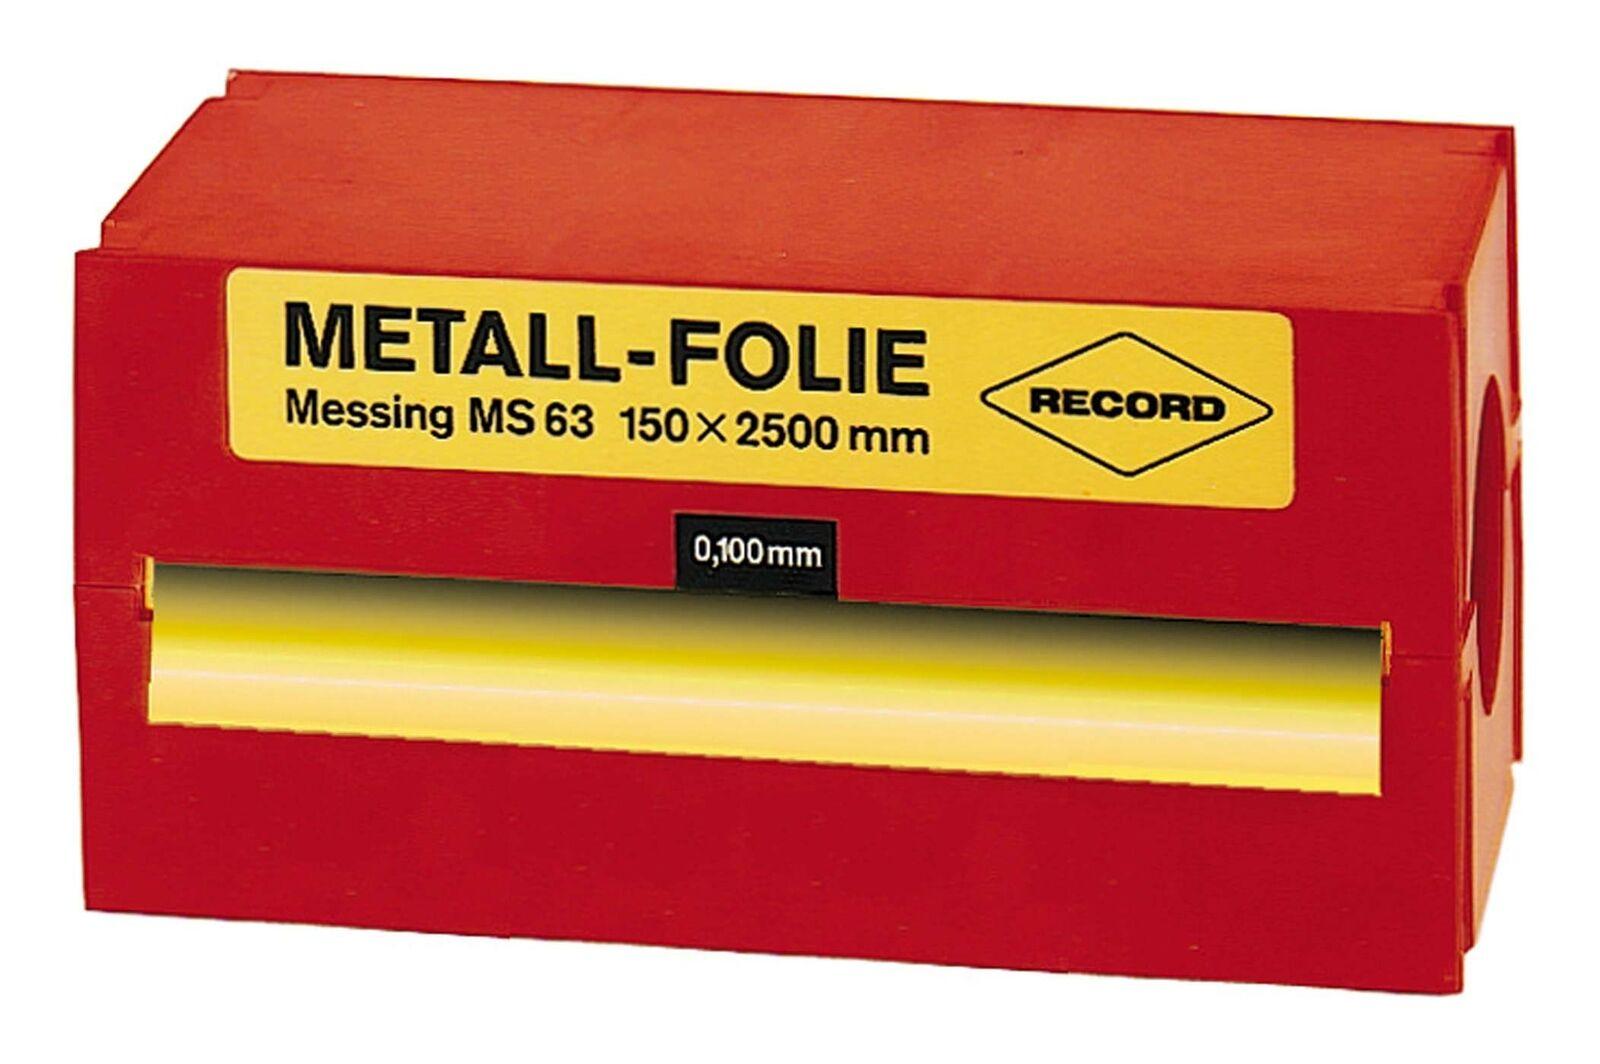 Record Metallfolie Stahl rostfrei 150 150 150 x 2500 x 0,200mm - SN0,200   Sale Deutschland    Spielen Sie auf der ganzen Welt und verhindern Sie, dass Ihre Kinder einsam sind    Diversified In Packaging  e4c4fe